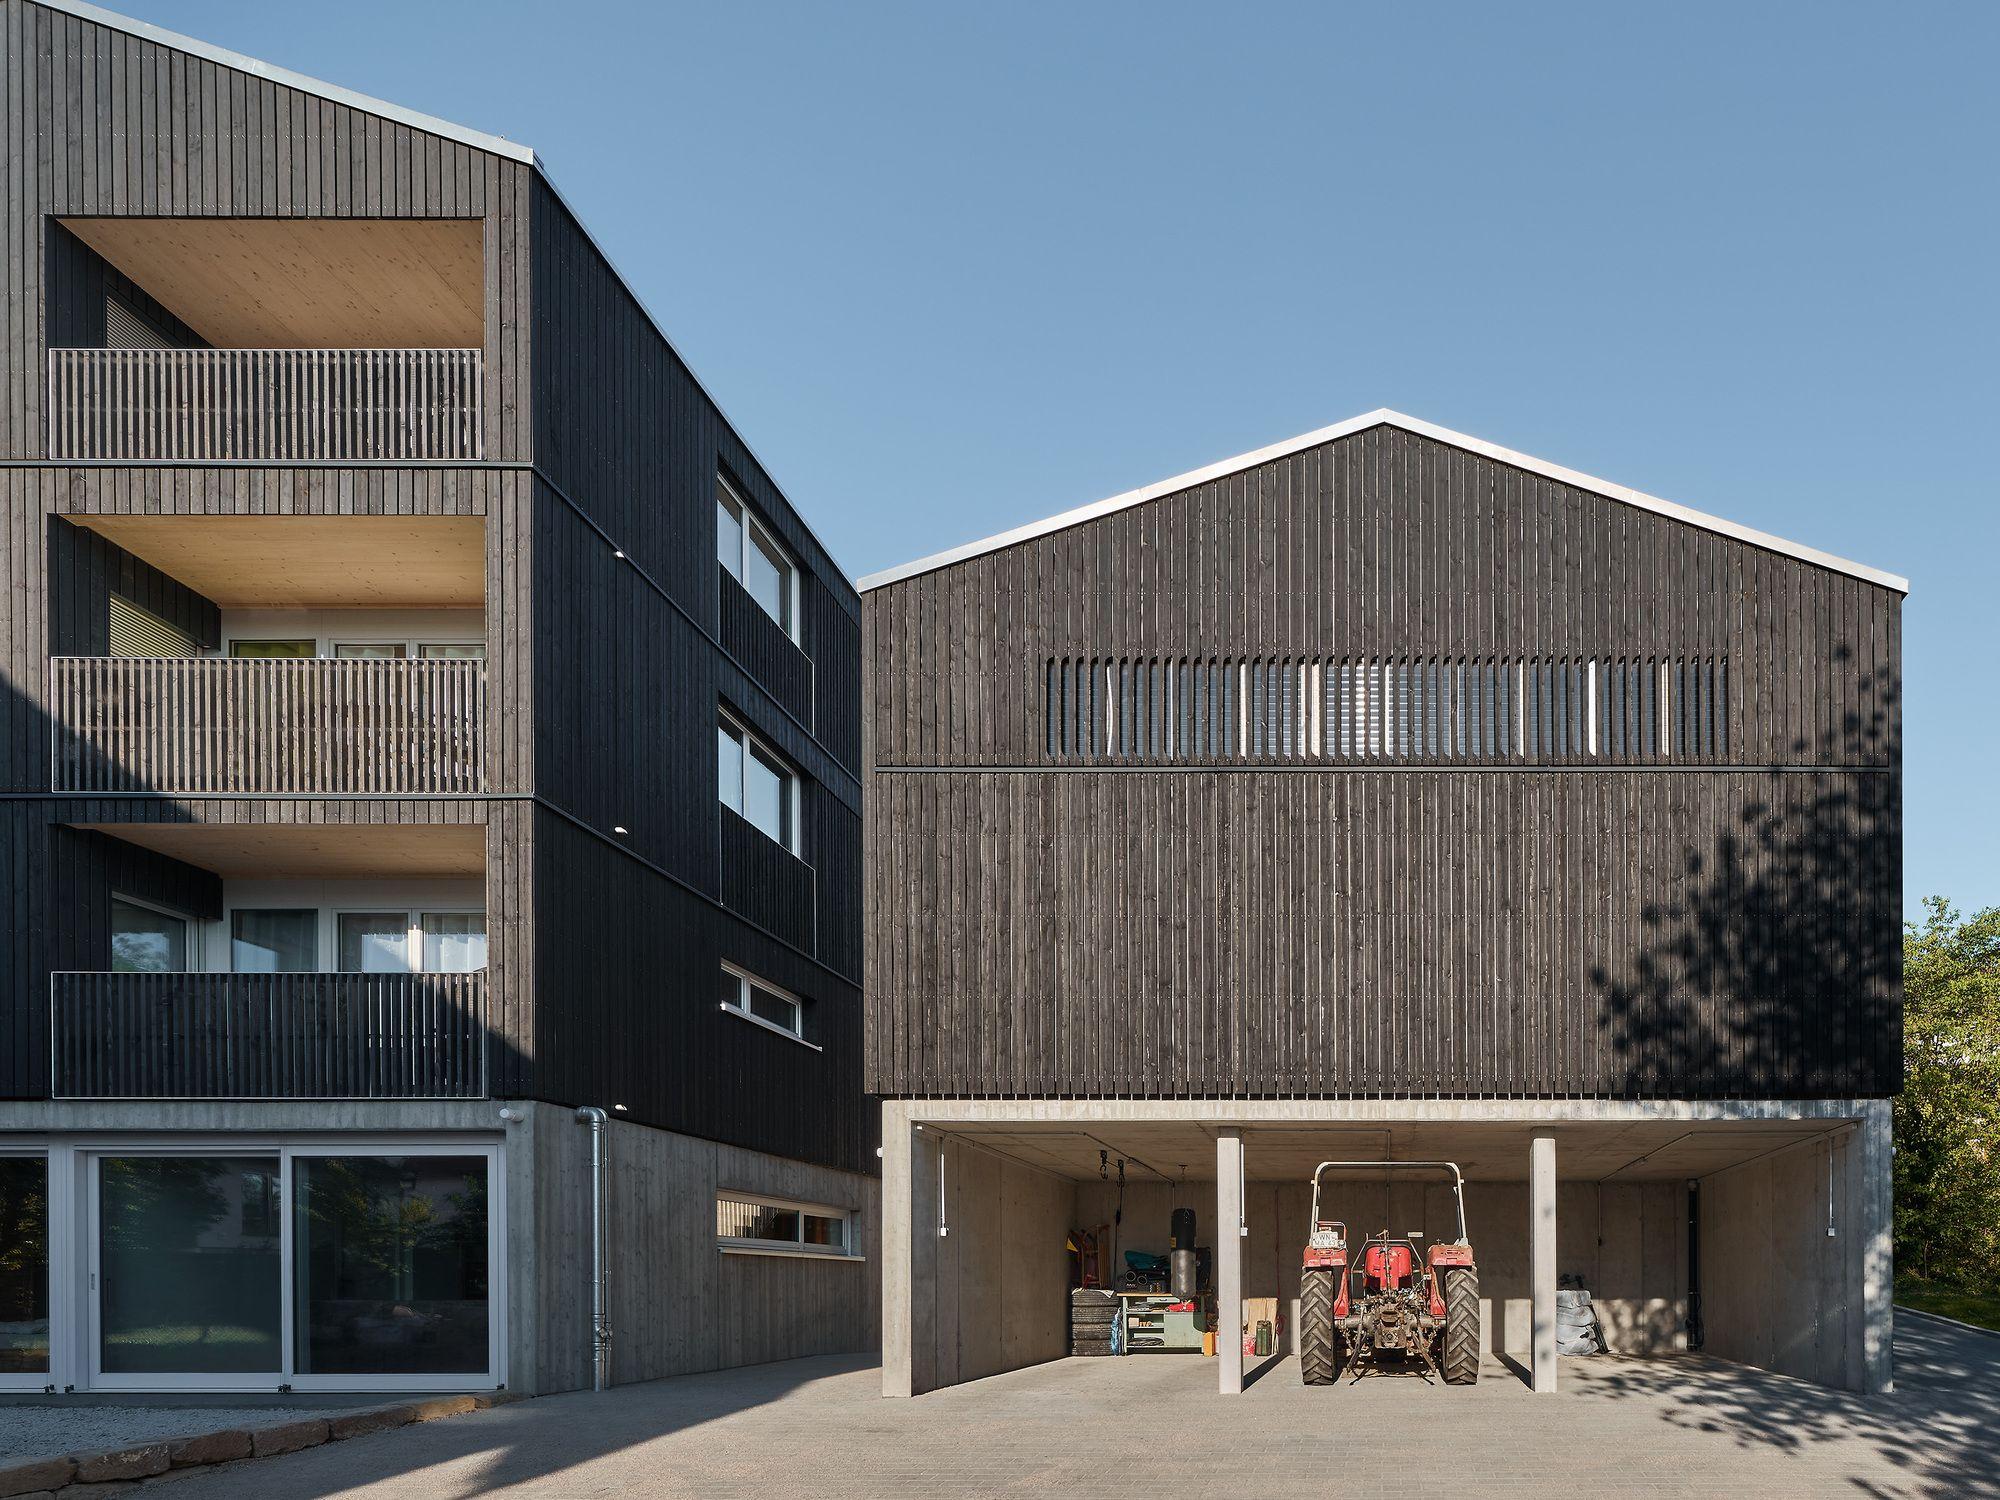 Housing And Workshop Weilerstrasse Cape Prof Markus Binder Schleicher Ragaller Architekten Architect Architecture Contemporary Apartment